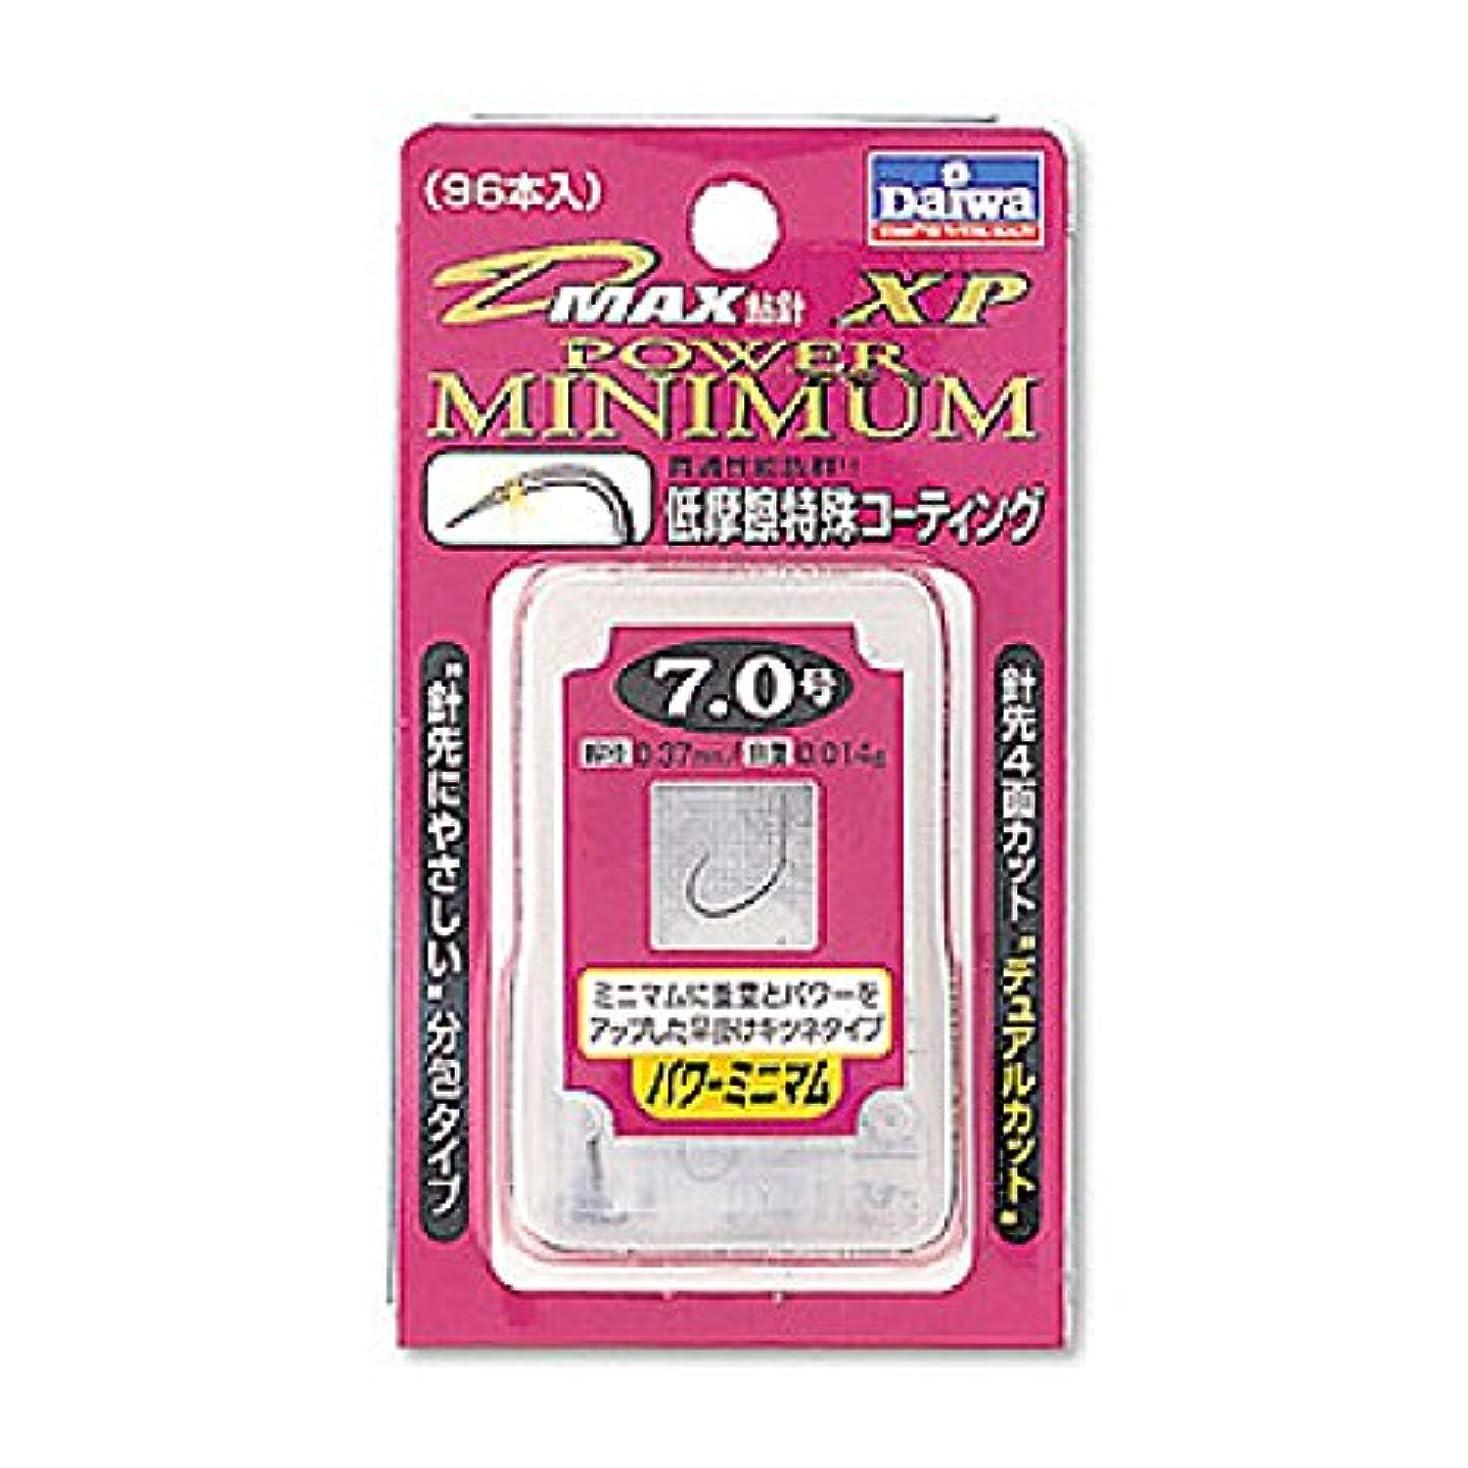 森林要塞鑑定ダイワ(Daiwa) D-MAX鮎針 フック XP パワーミニマム 7.0号 釣り針